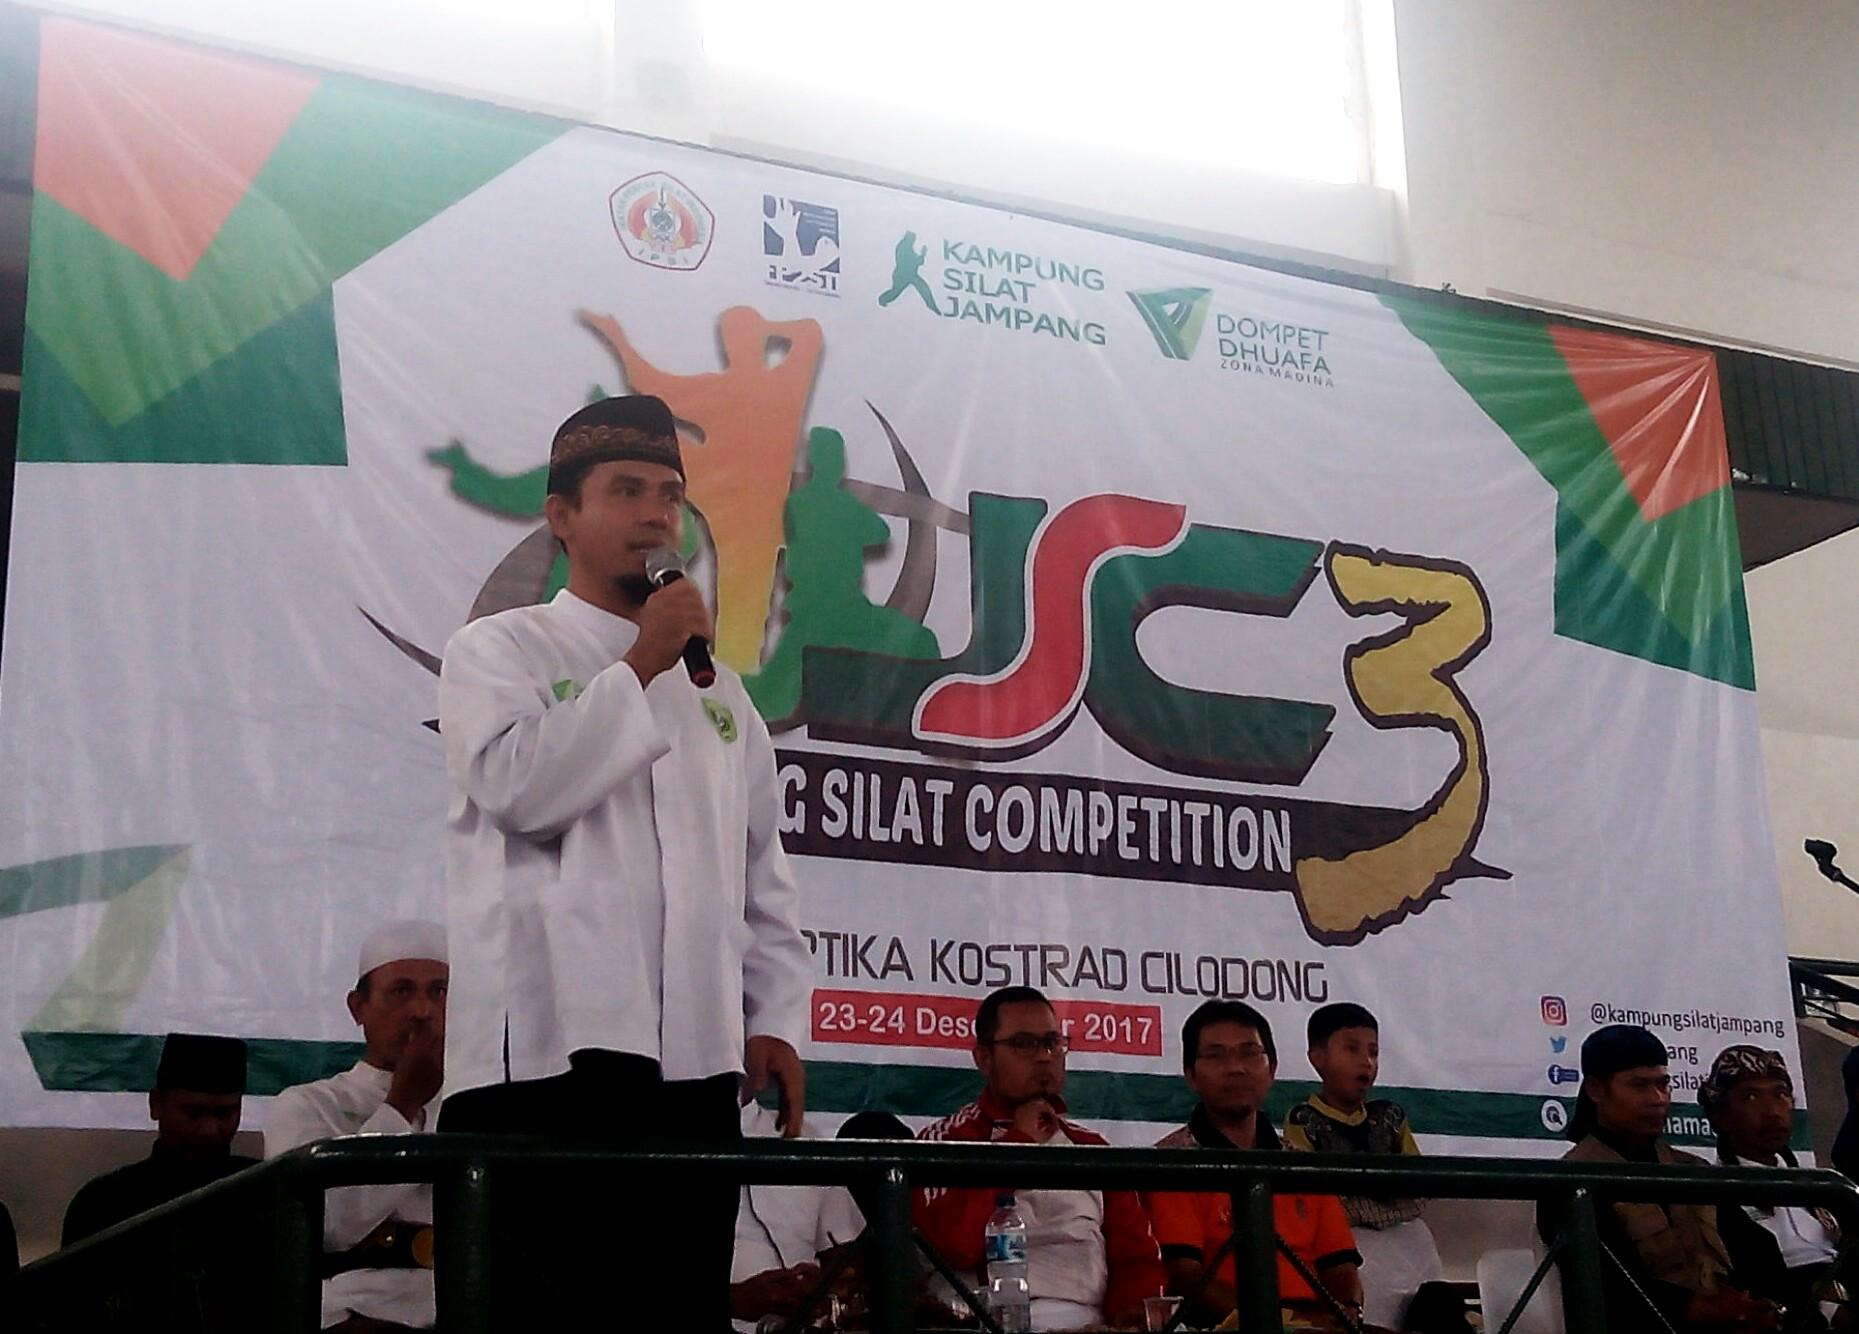 Herman Prianto Ketua Kampung Jampang Silat saat memberikan sambuatan di acara JSC3 di GOR Kartika Kostrad Cilodong Depok Jawa Barat